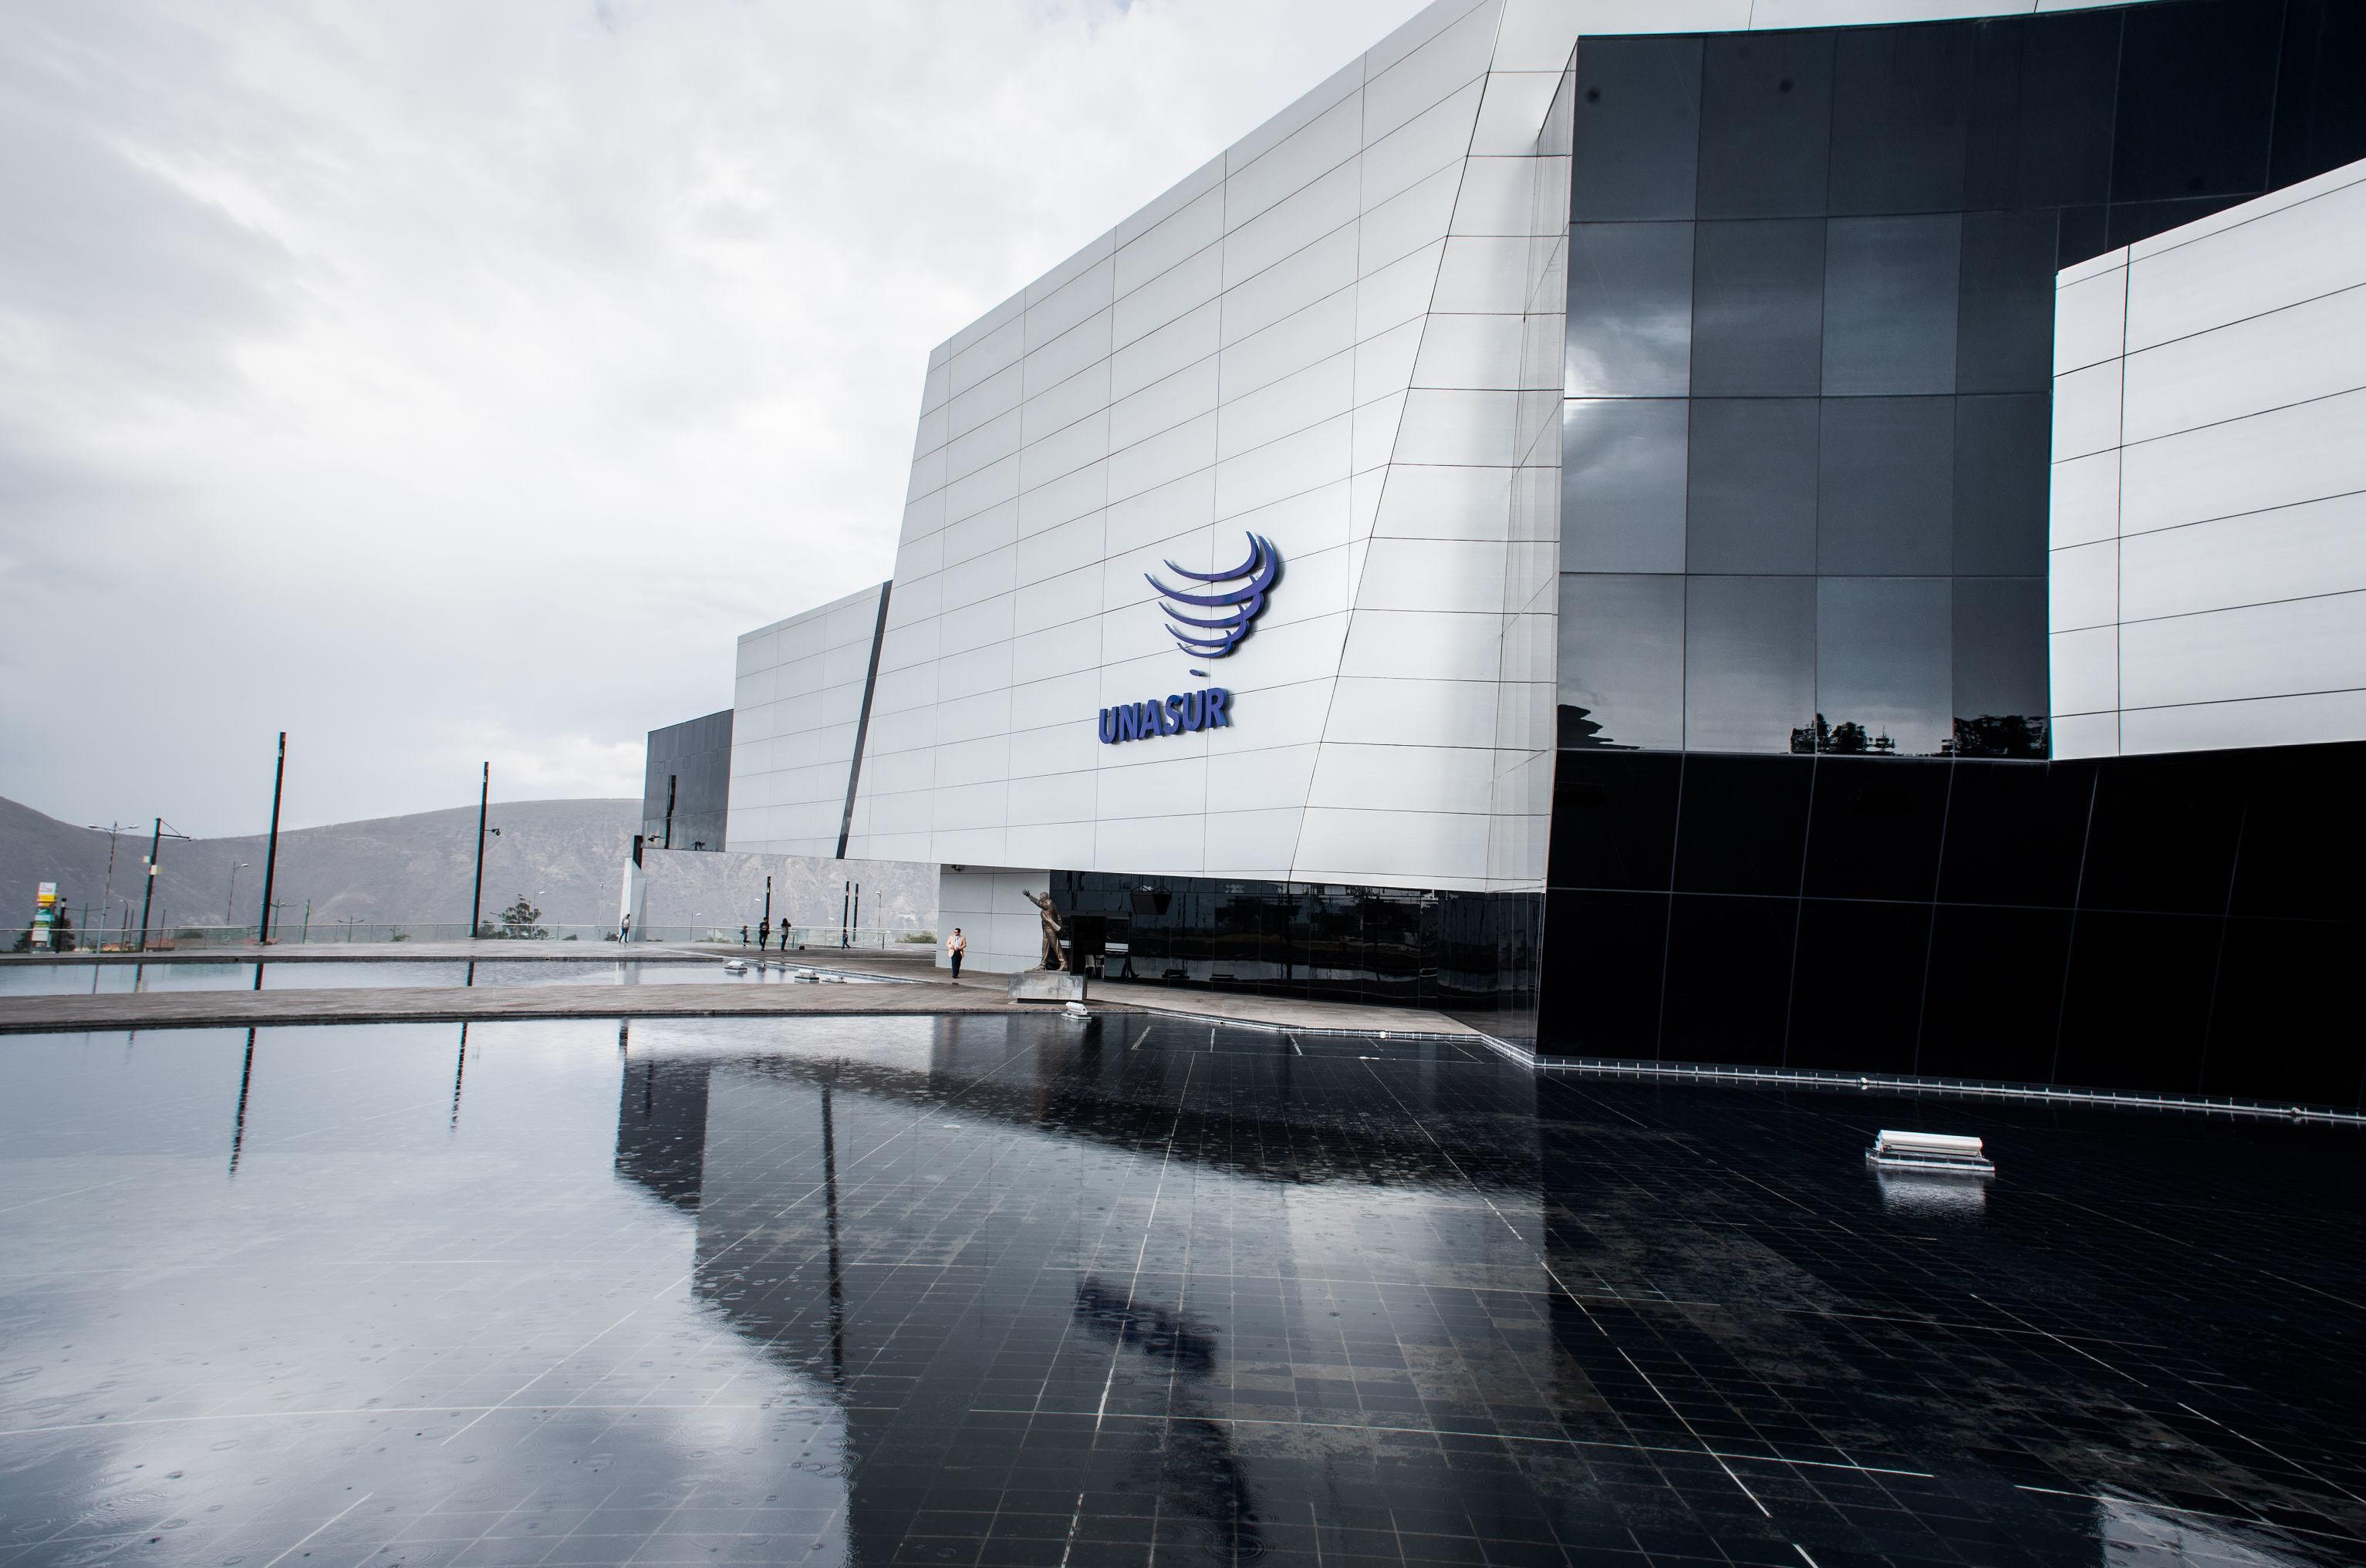 Sede da UNASUL, em Quito: países da região não puderam chegar a um consenso em relação à participação da Venezuela na organização, levando a sua paralisação